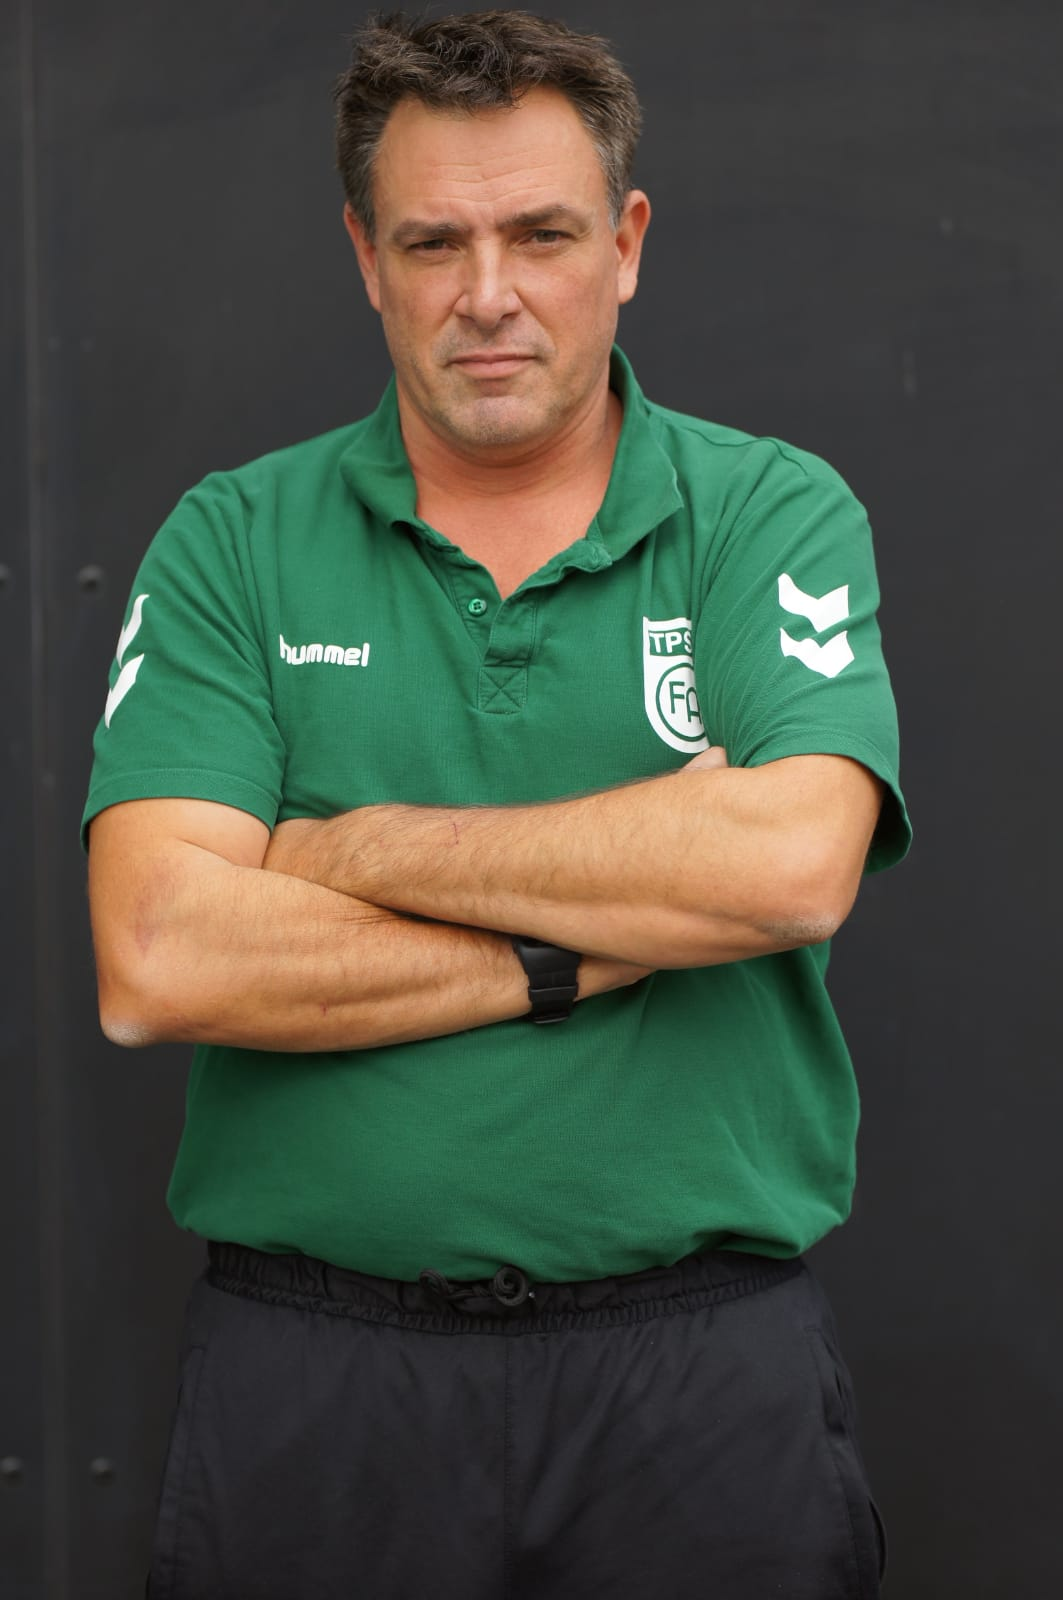 Trainer Michael Marcus Hick